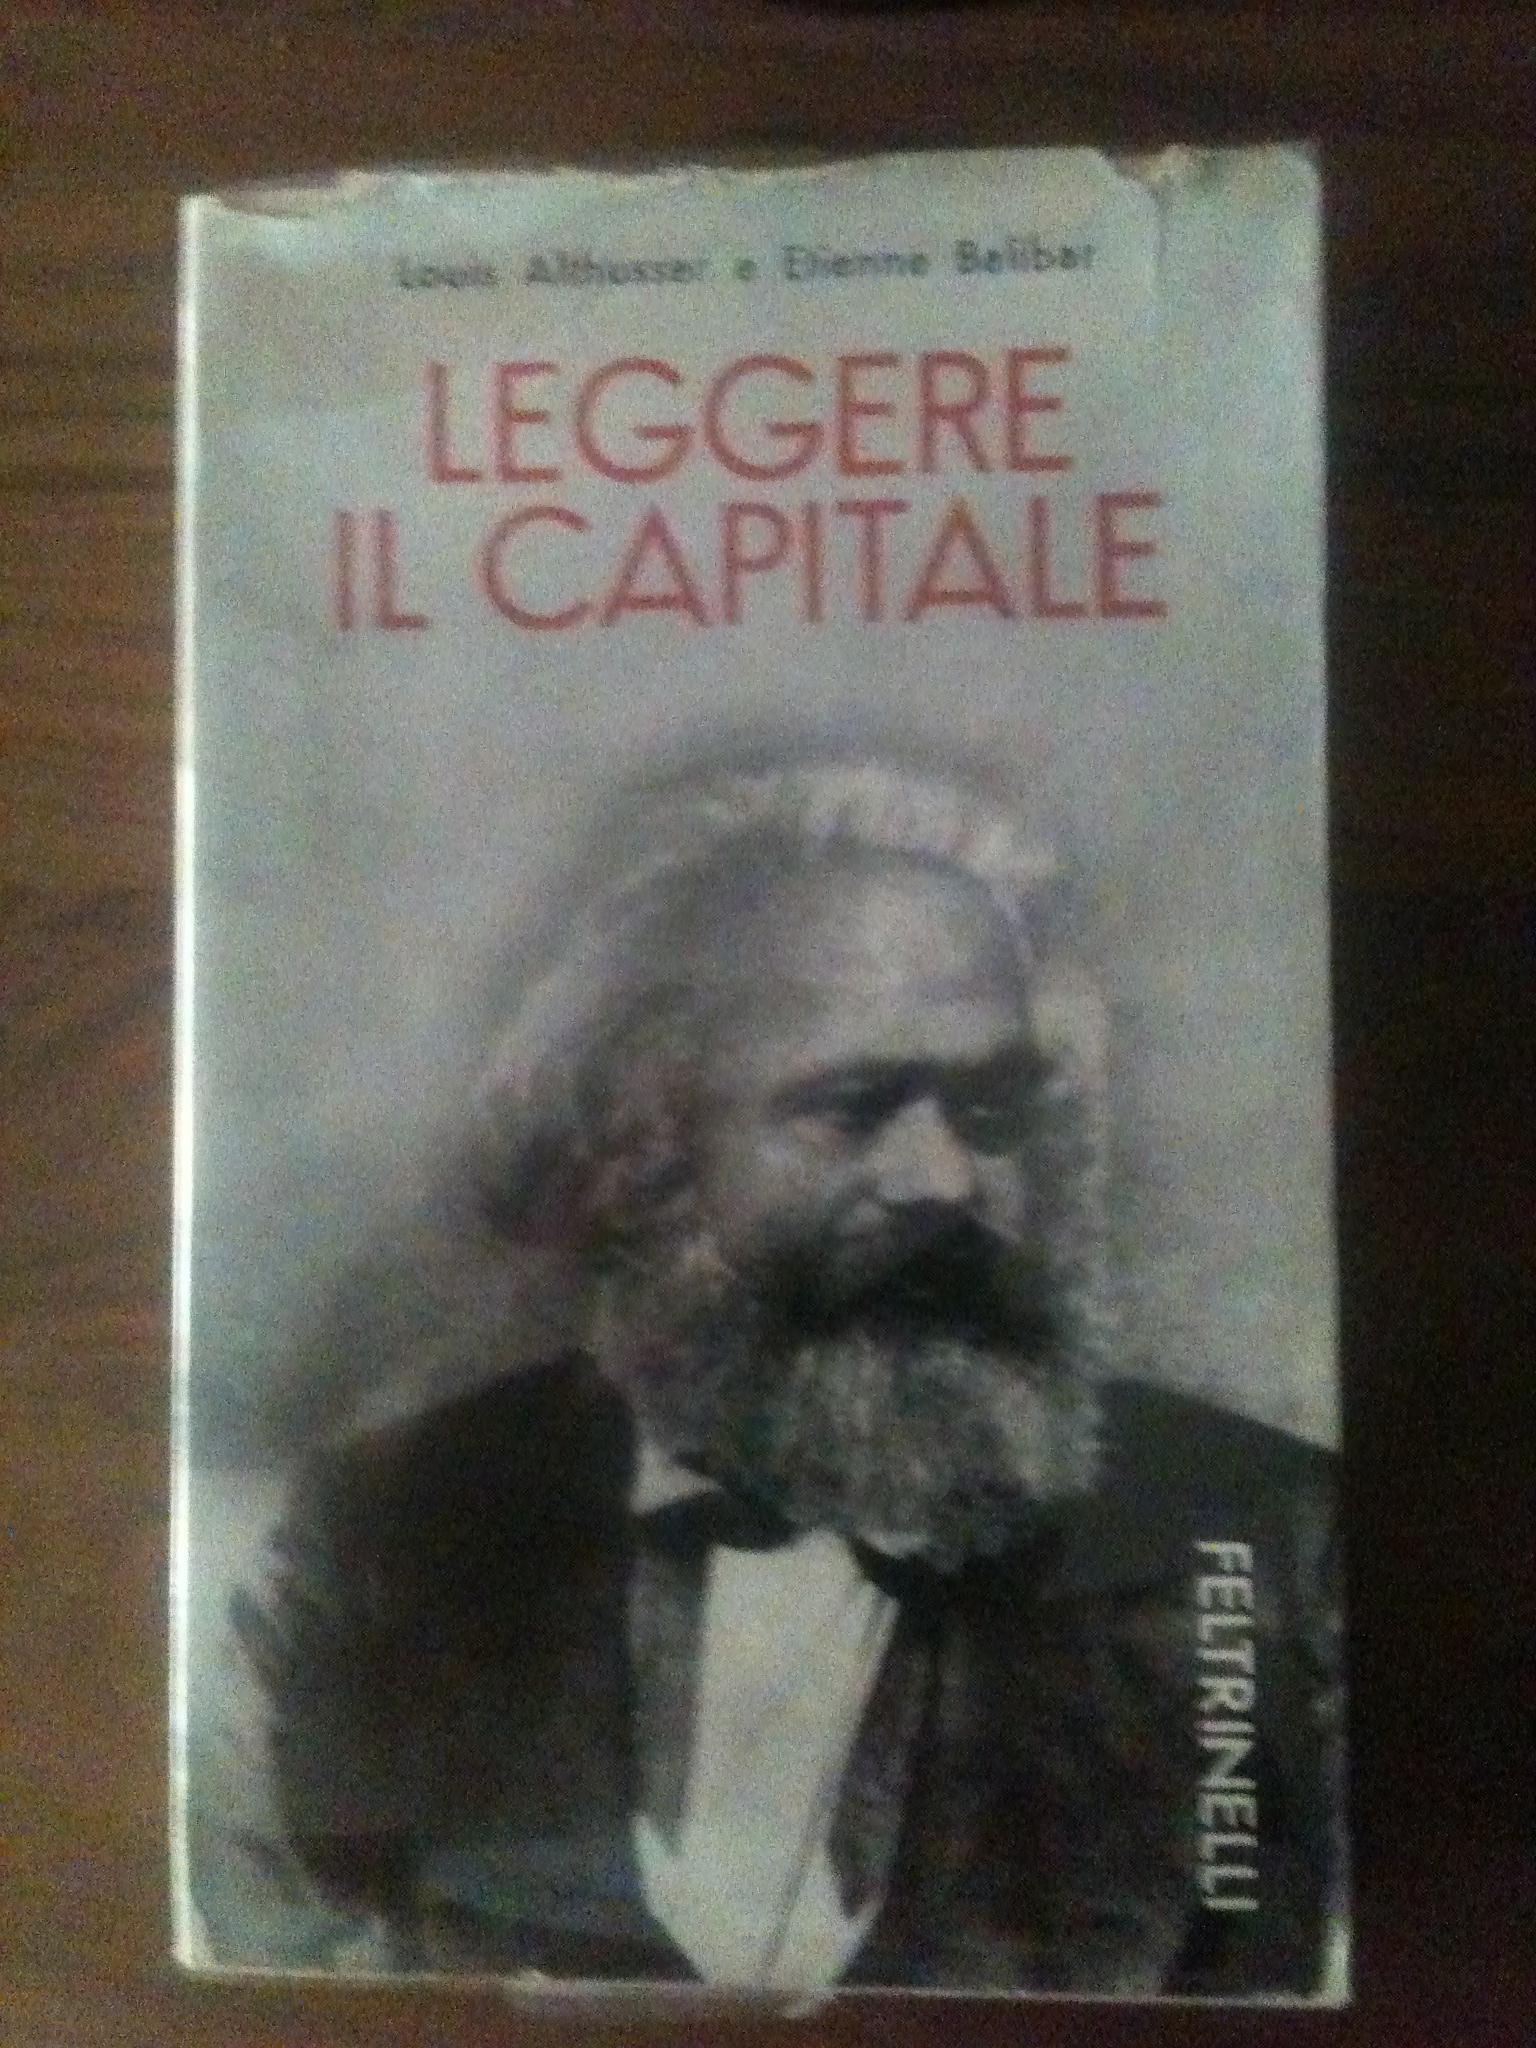 Leggere Il Capitale